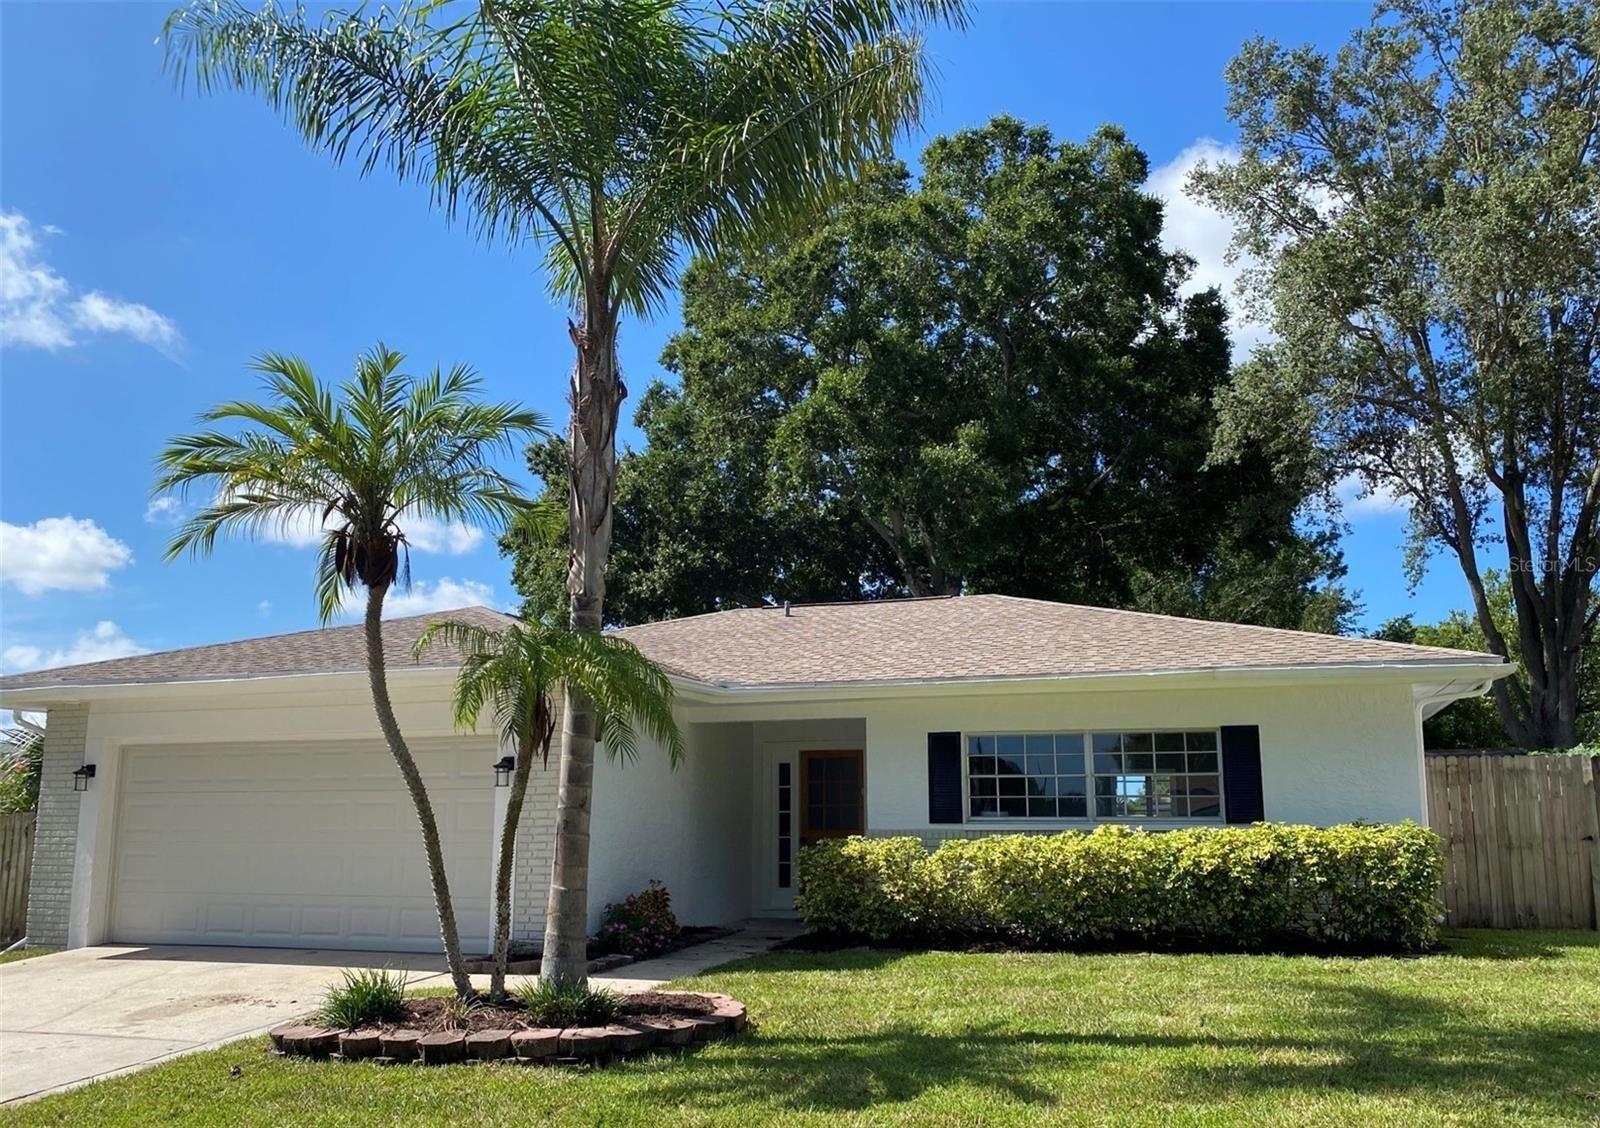 2446 ORANGEPOINTE AVENUE, Palm Harbor, FL 34683 - #: U8130416